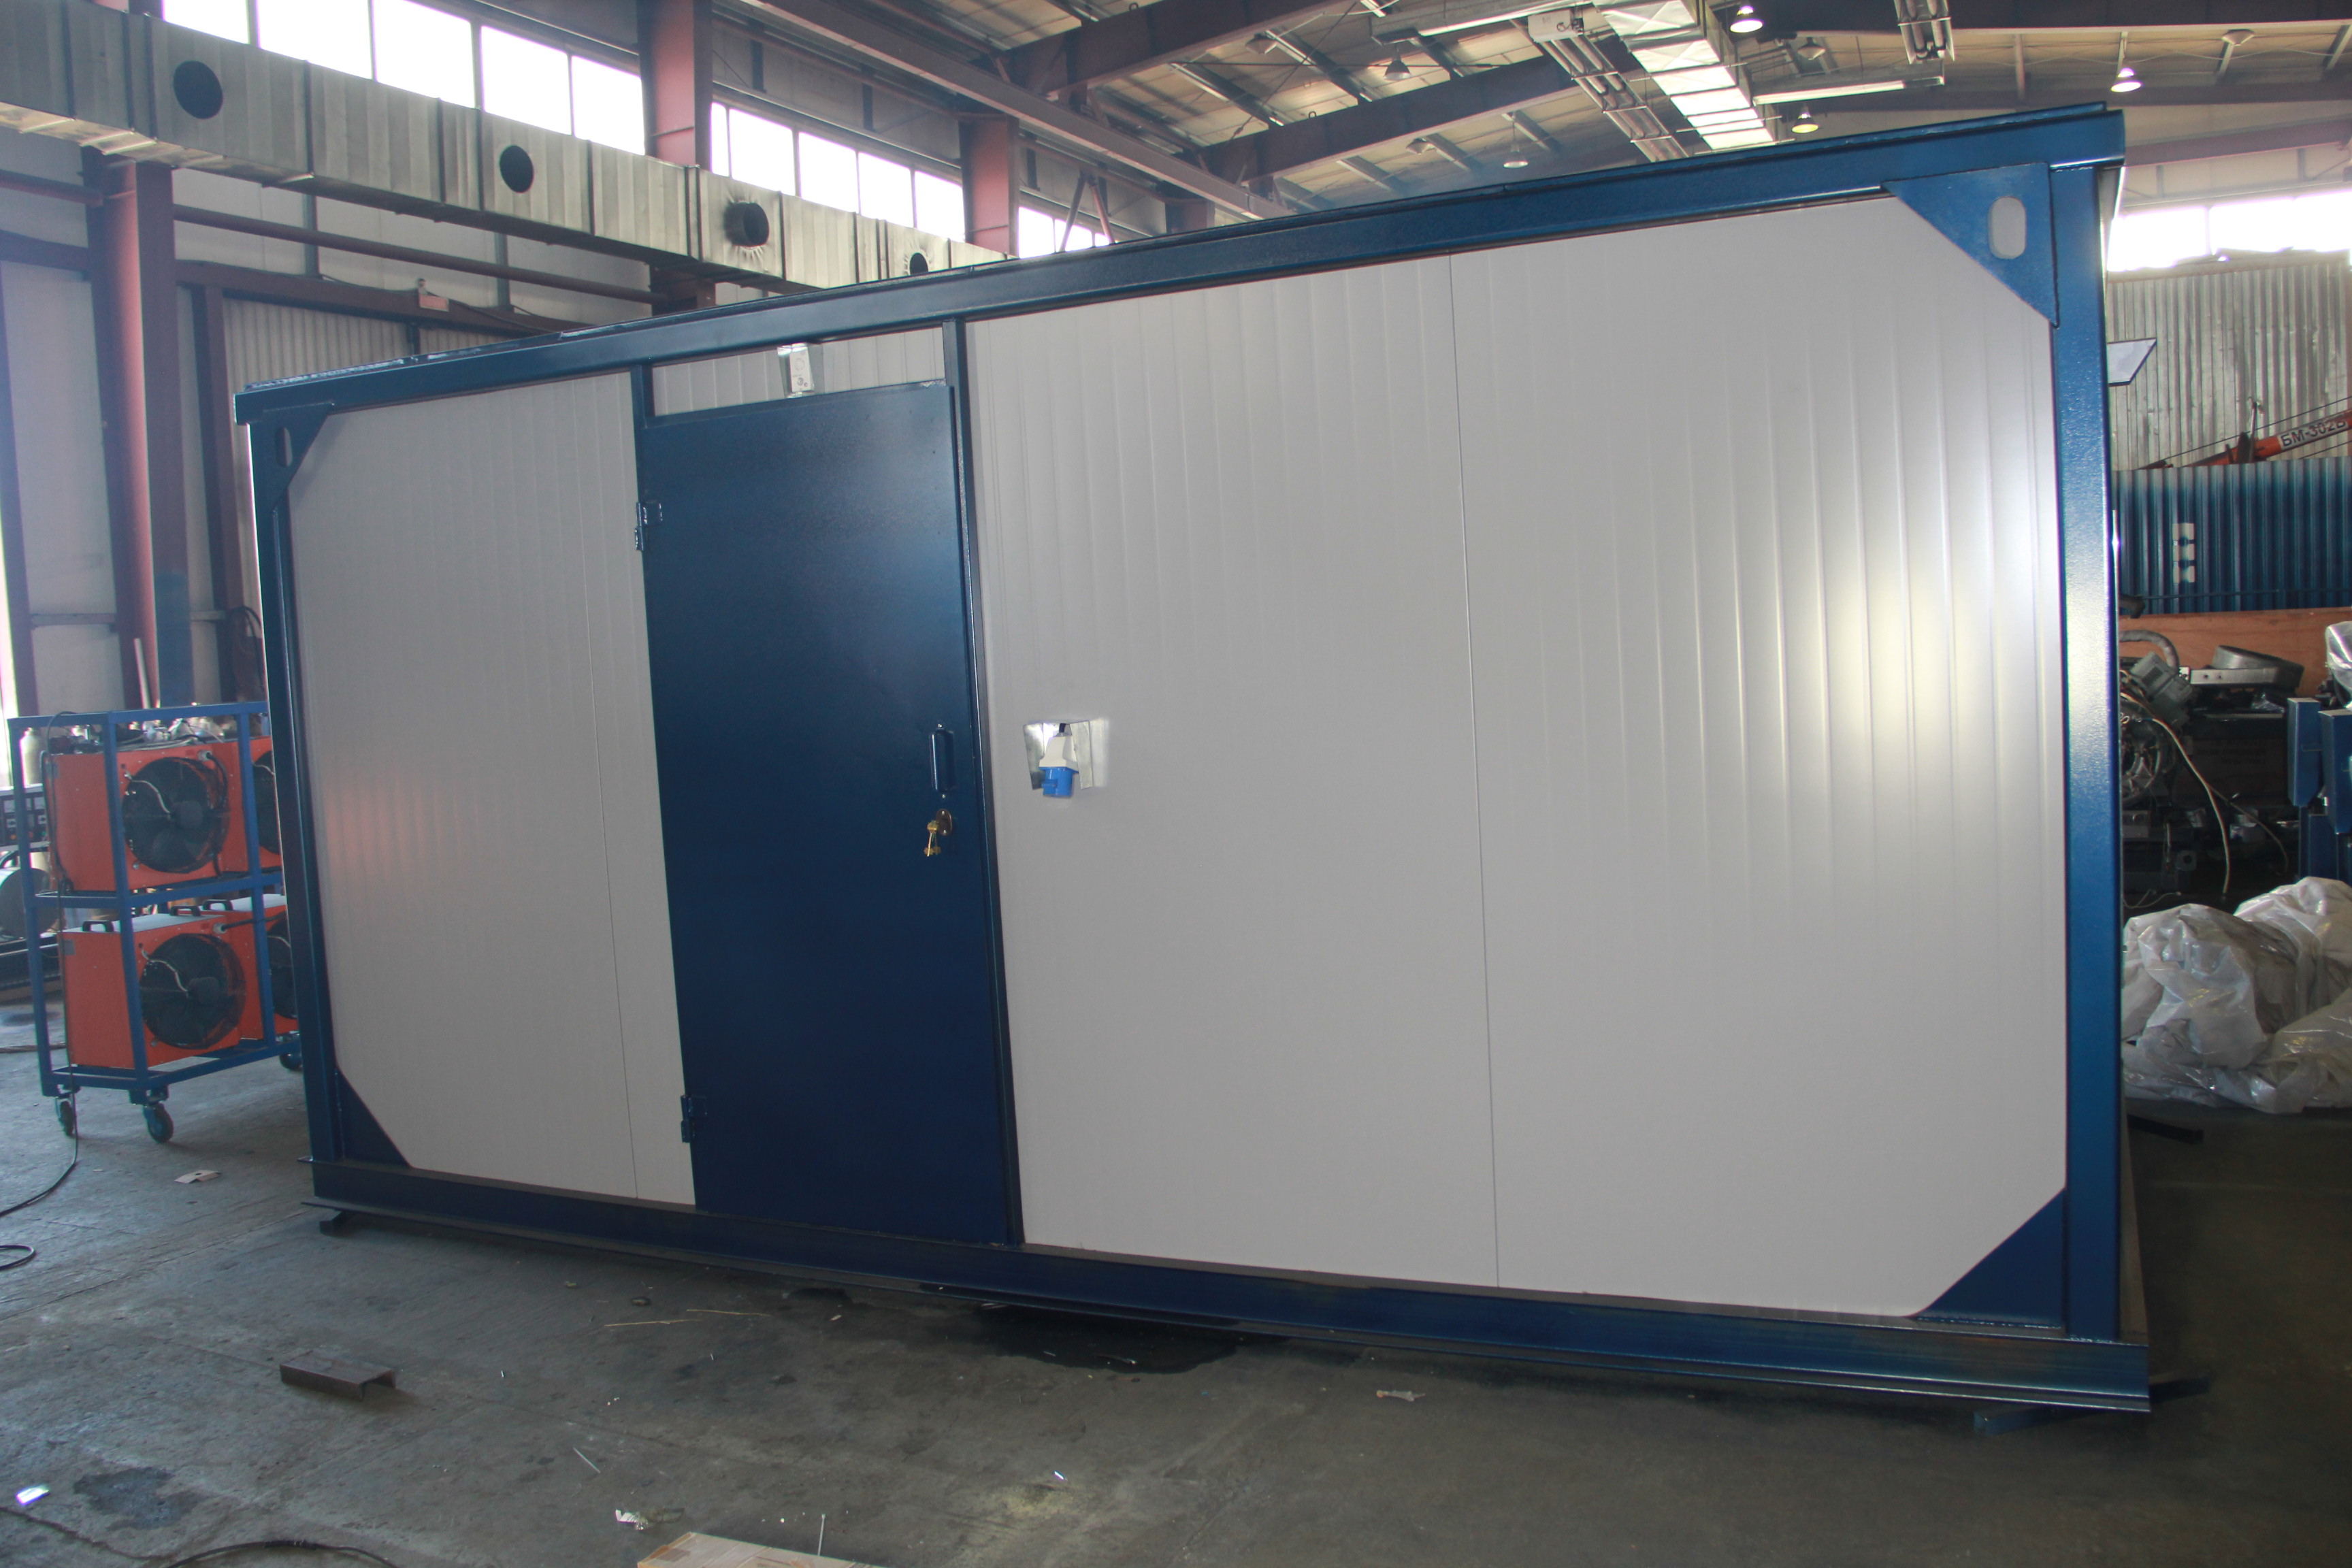 Внешний вид IVECO АД-160С-Т400-1РНИ в контейнере